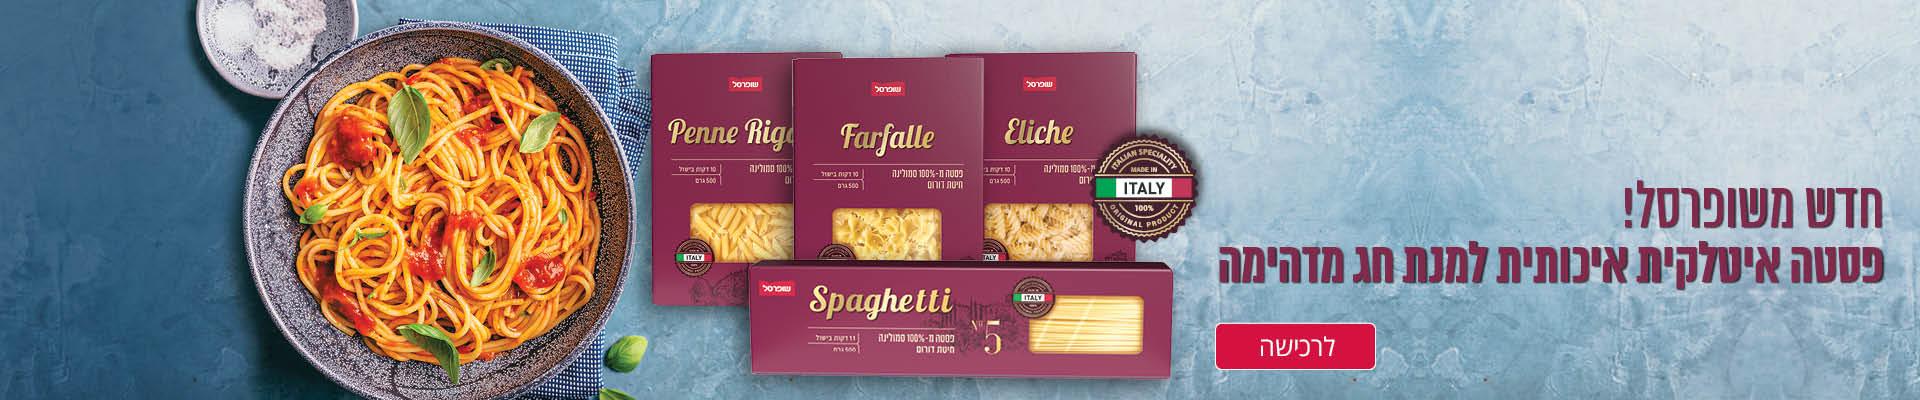 חדש משופרסל! פסטה איטלקית איכותית למנת חג מדהימה לרכישה